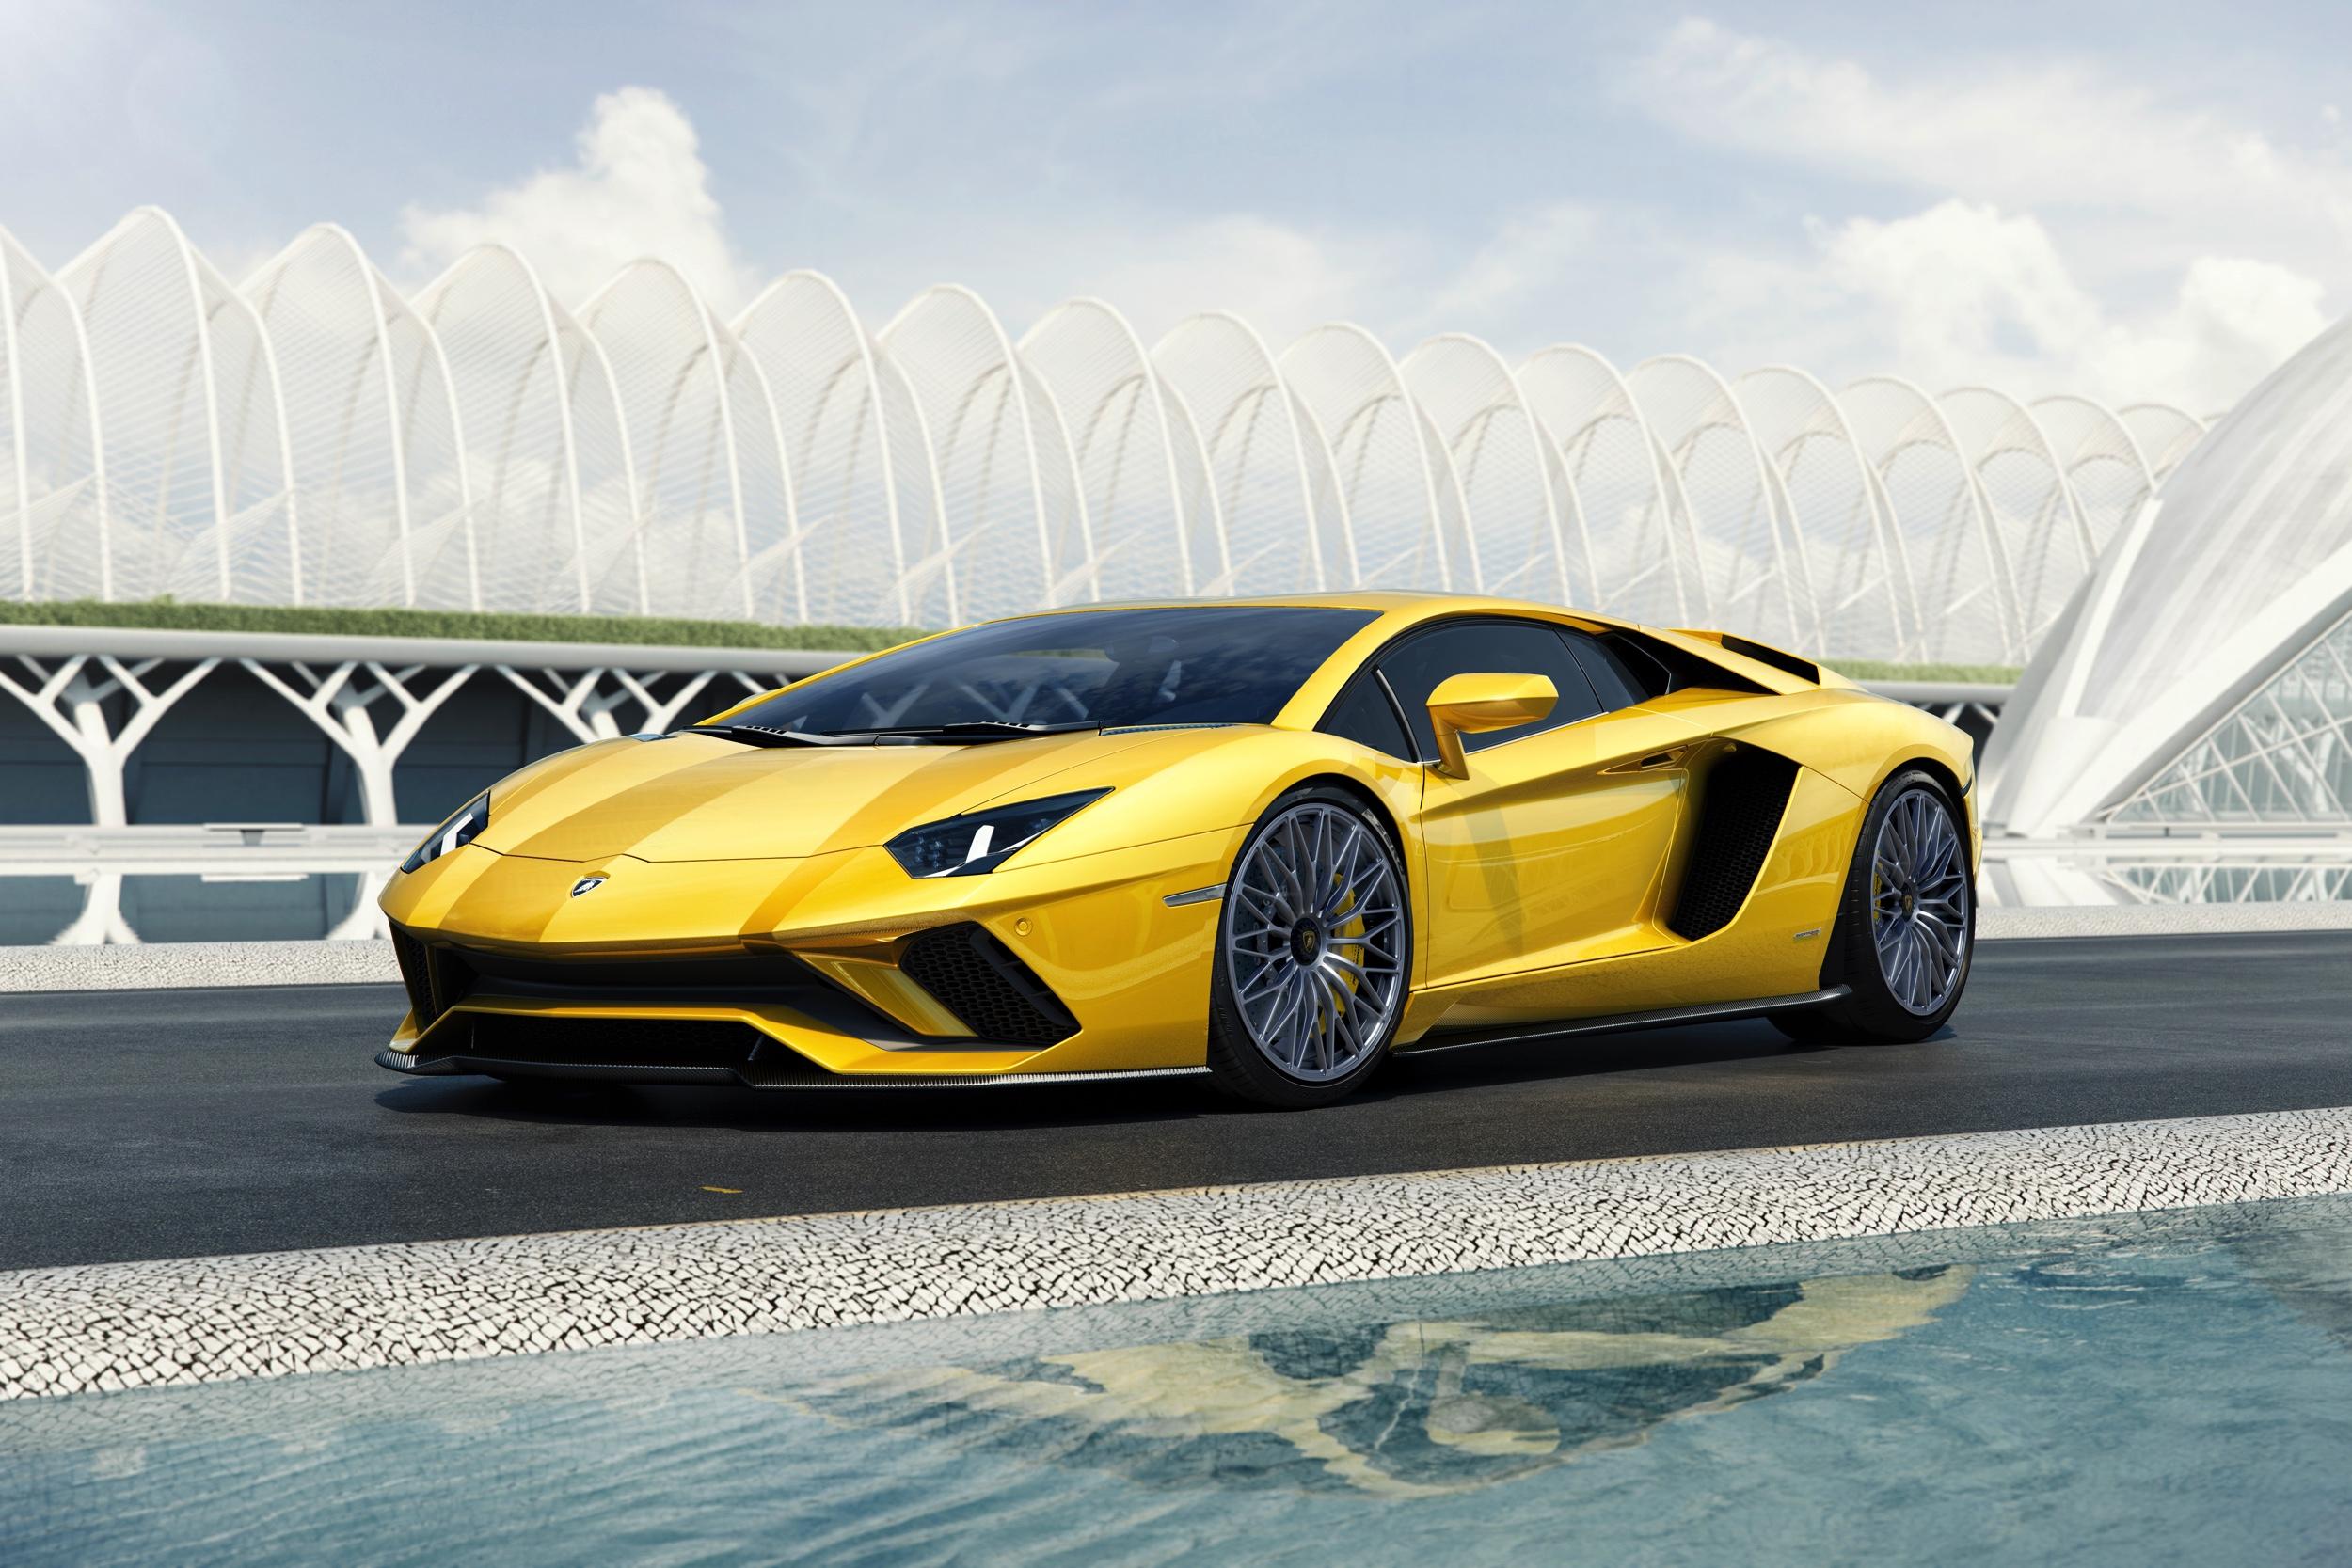 Lamborghini Aventador S - exterieur - Autovisie.nl